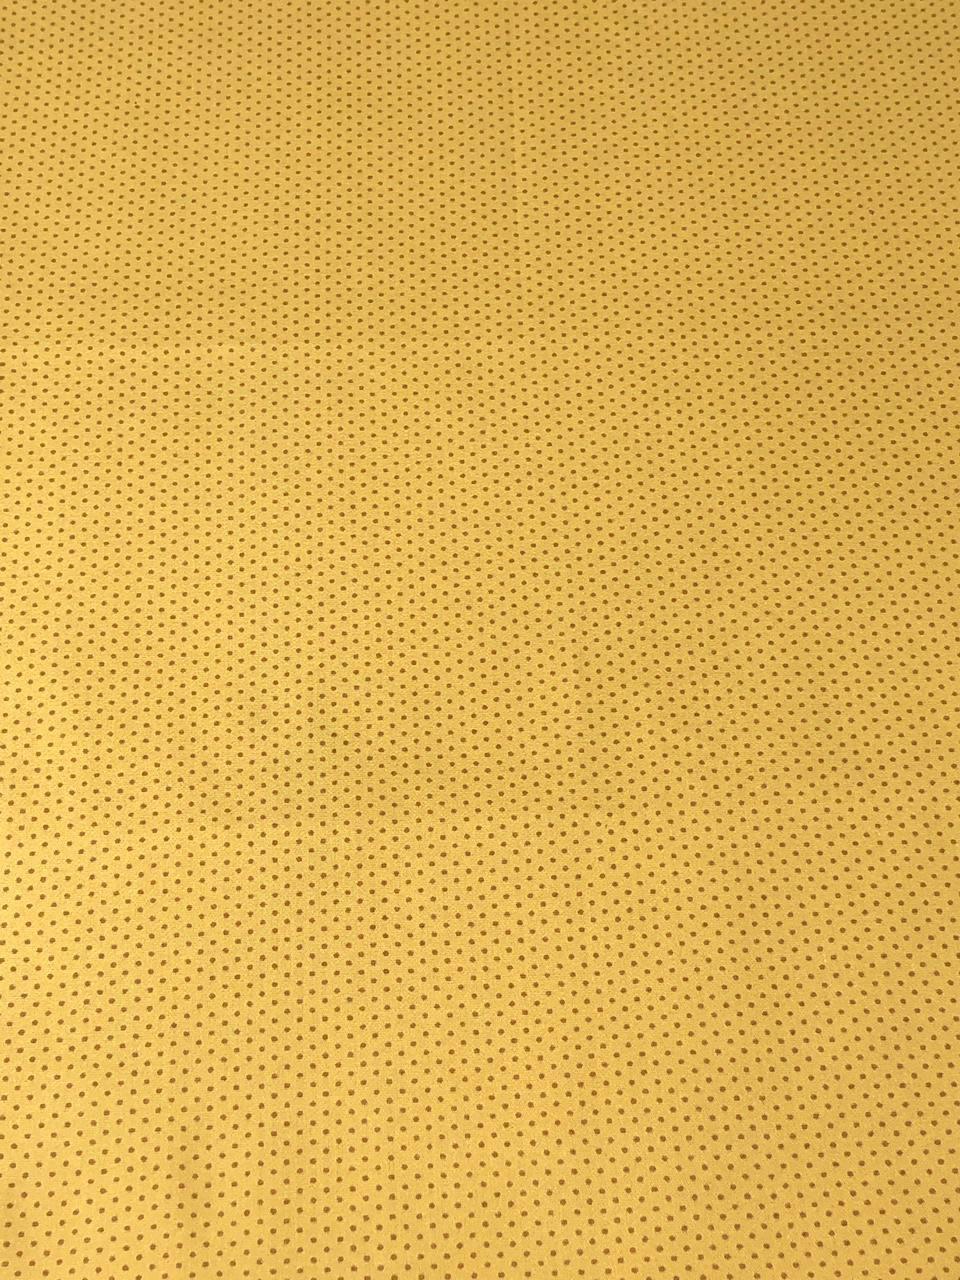 Kit de Tecido Tricoline Coleção Girassol Fundo Bege - 50x75cm